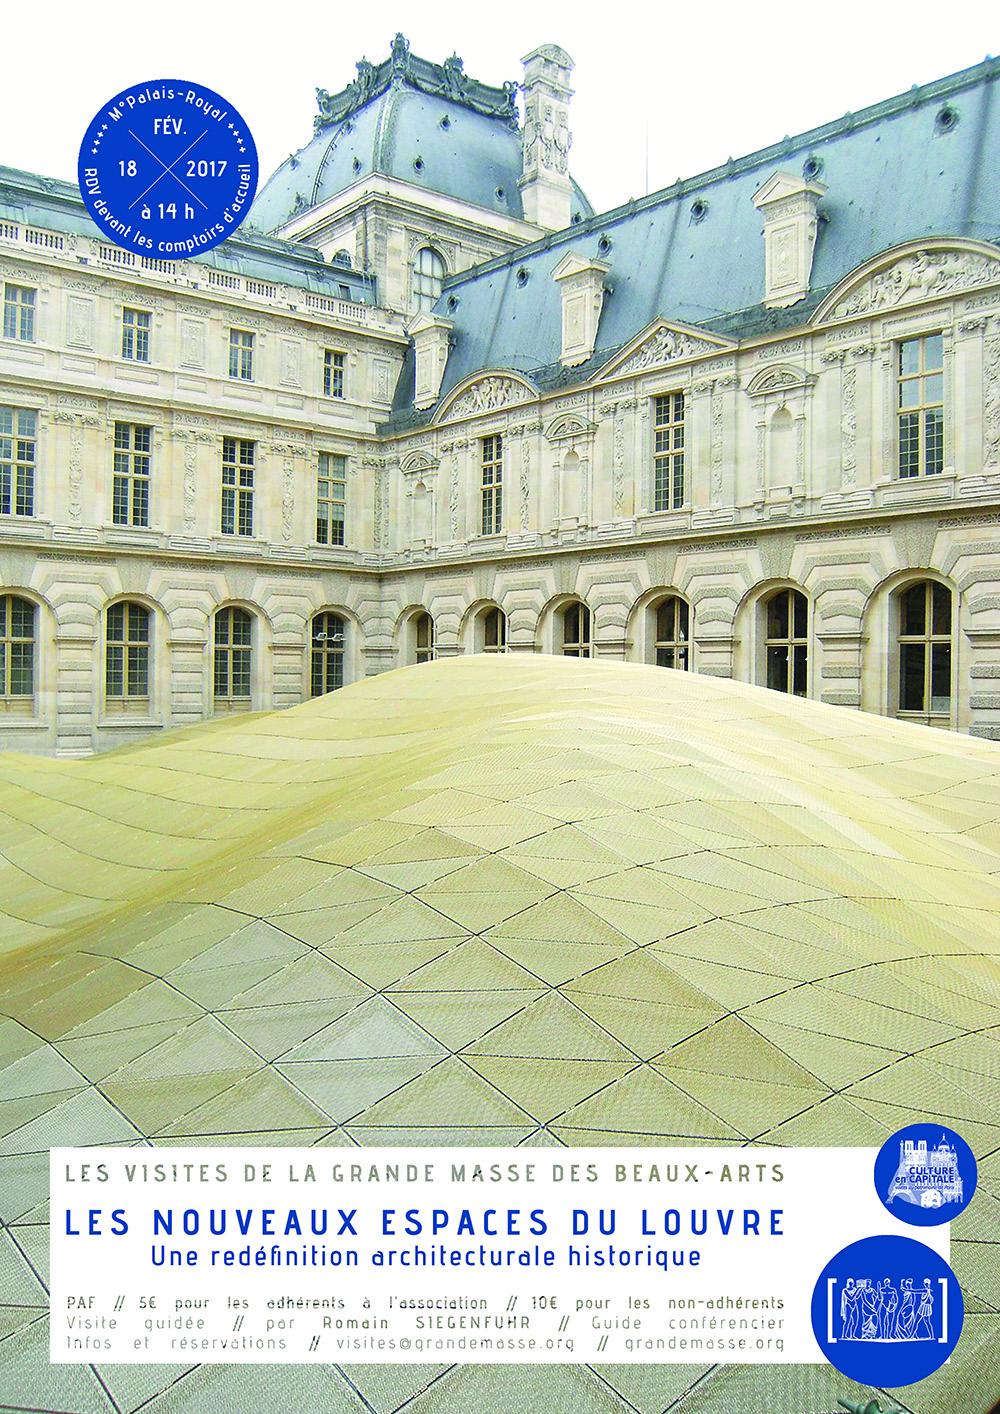 20170218_VISITES_Affiche_Nouveaux-espaces-Louvre.jpg